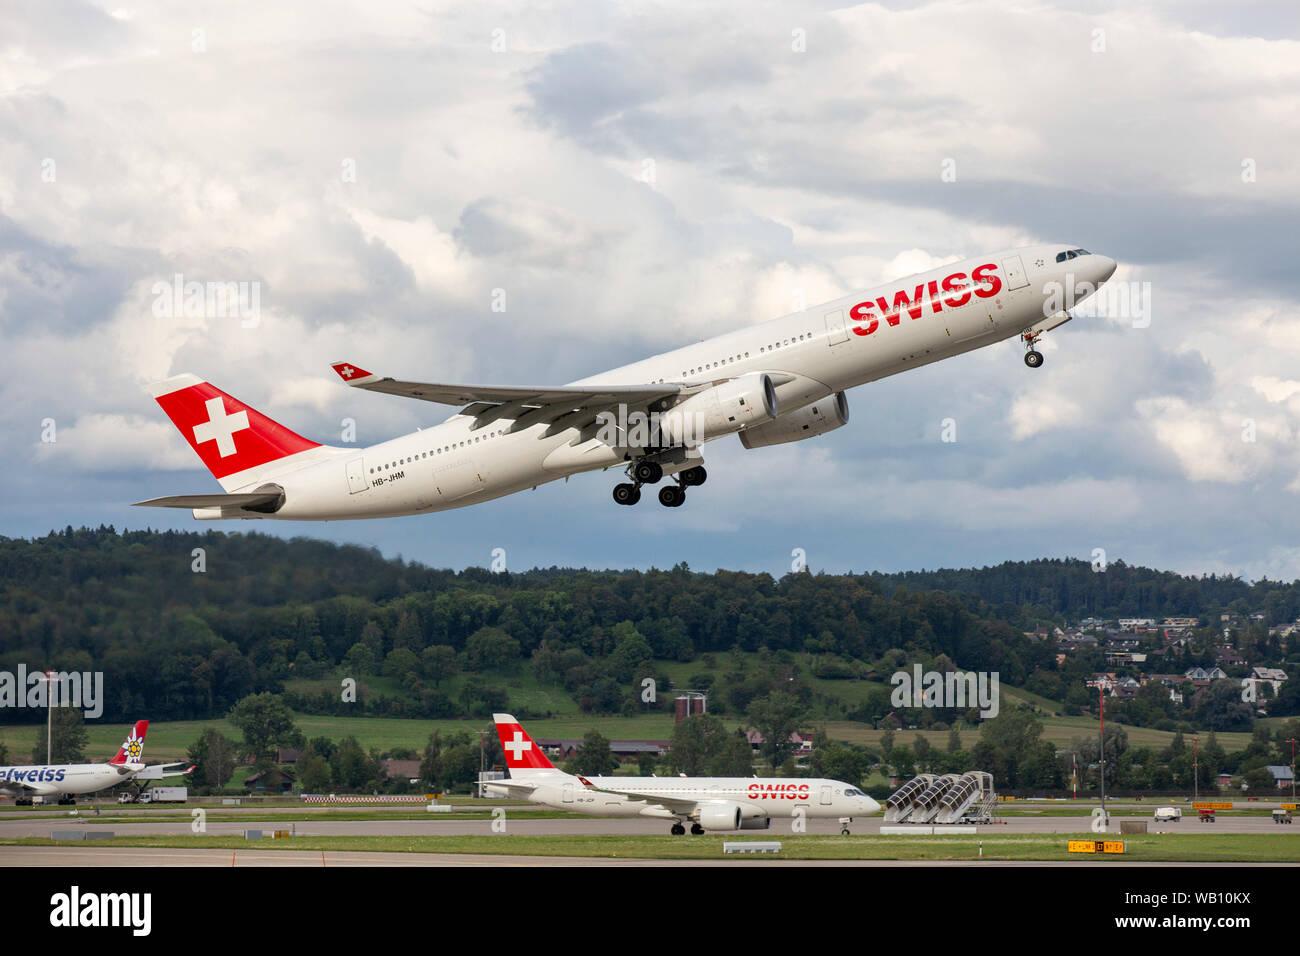 Airbus A330-343, Reg: HB-JHM beim Abflug vom Flughafen Zürich (ZRH). 15.08.2019 Stock Photo